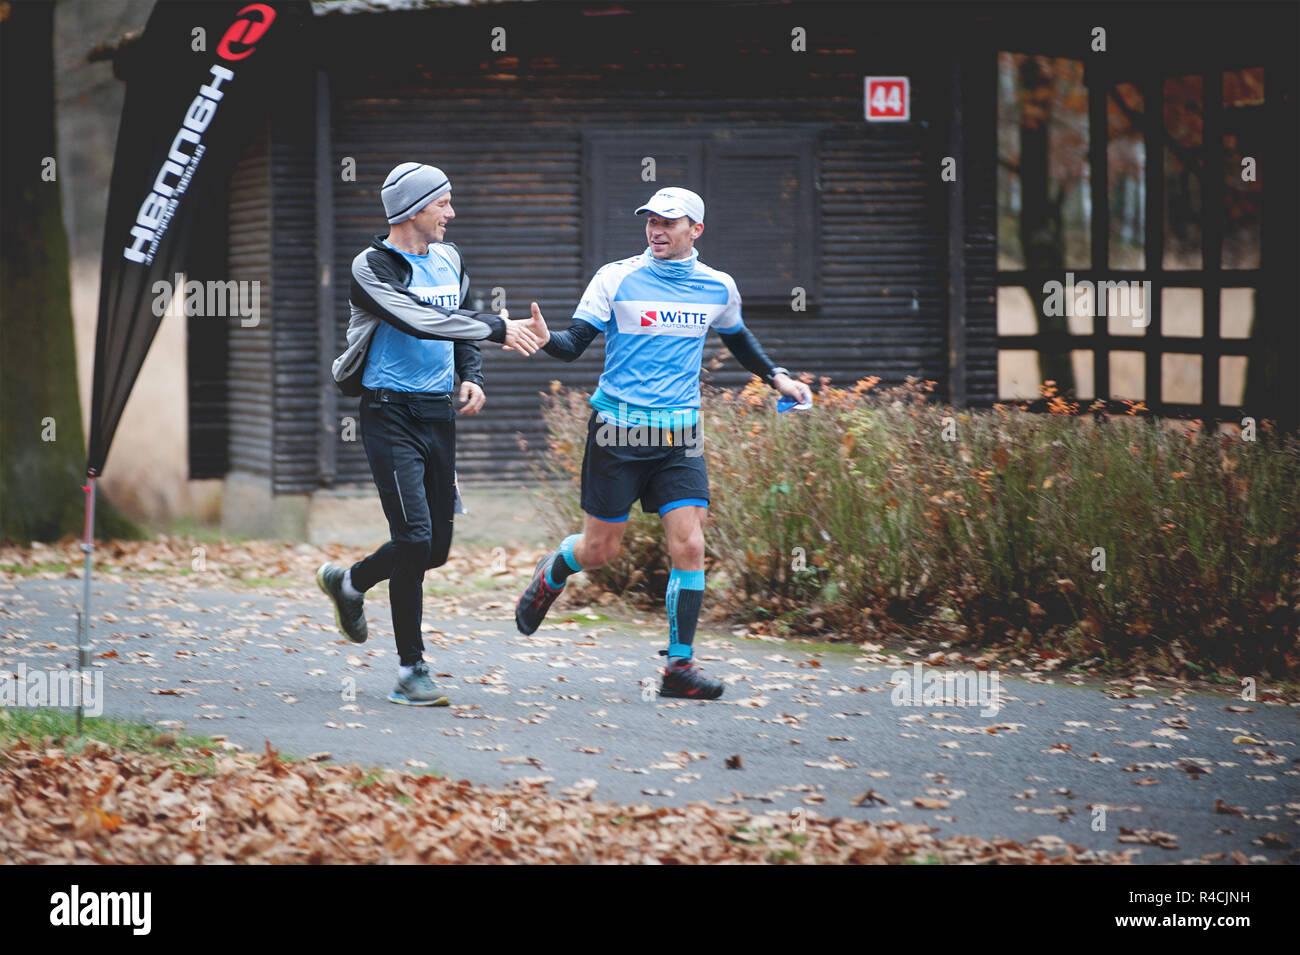 Repubblica ceca, Pilsen, Novembre 2018: Hannah Pilsen Krkavec Trail. Due uomini agitare le mani alla fine della corsa. Immagini Stock